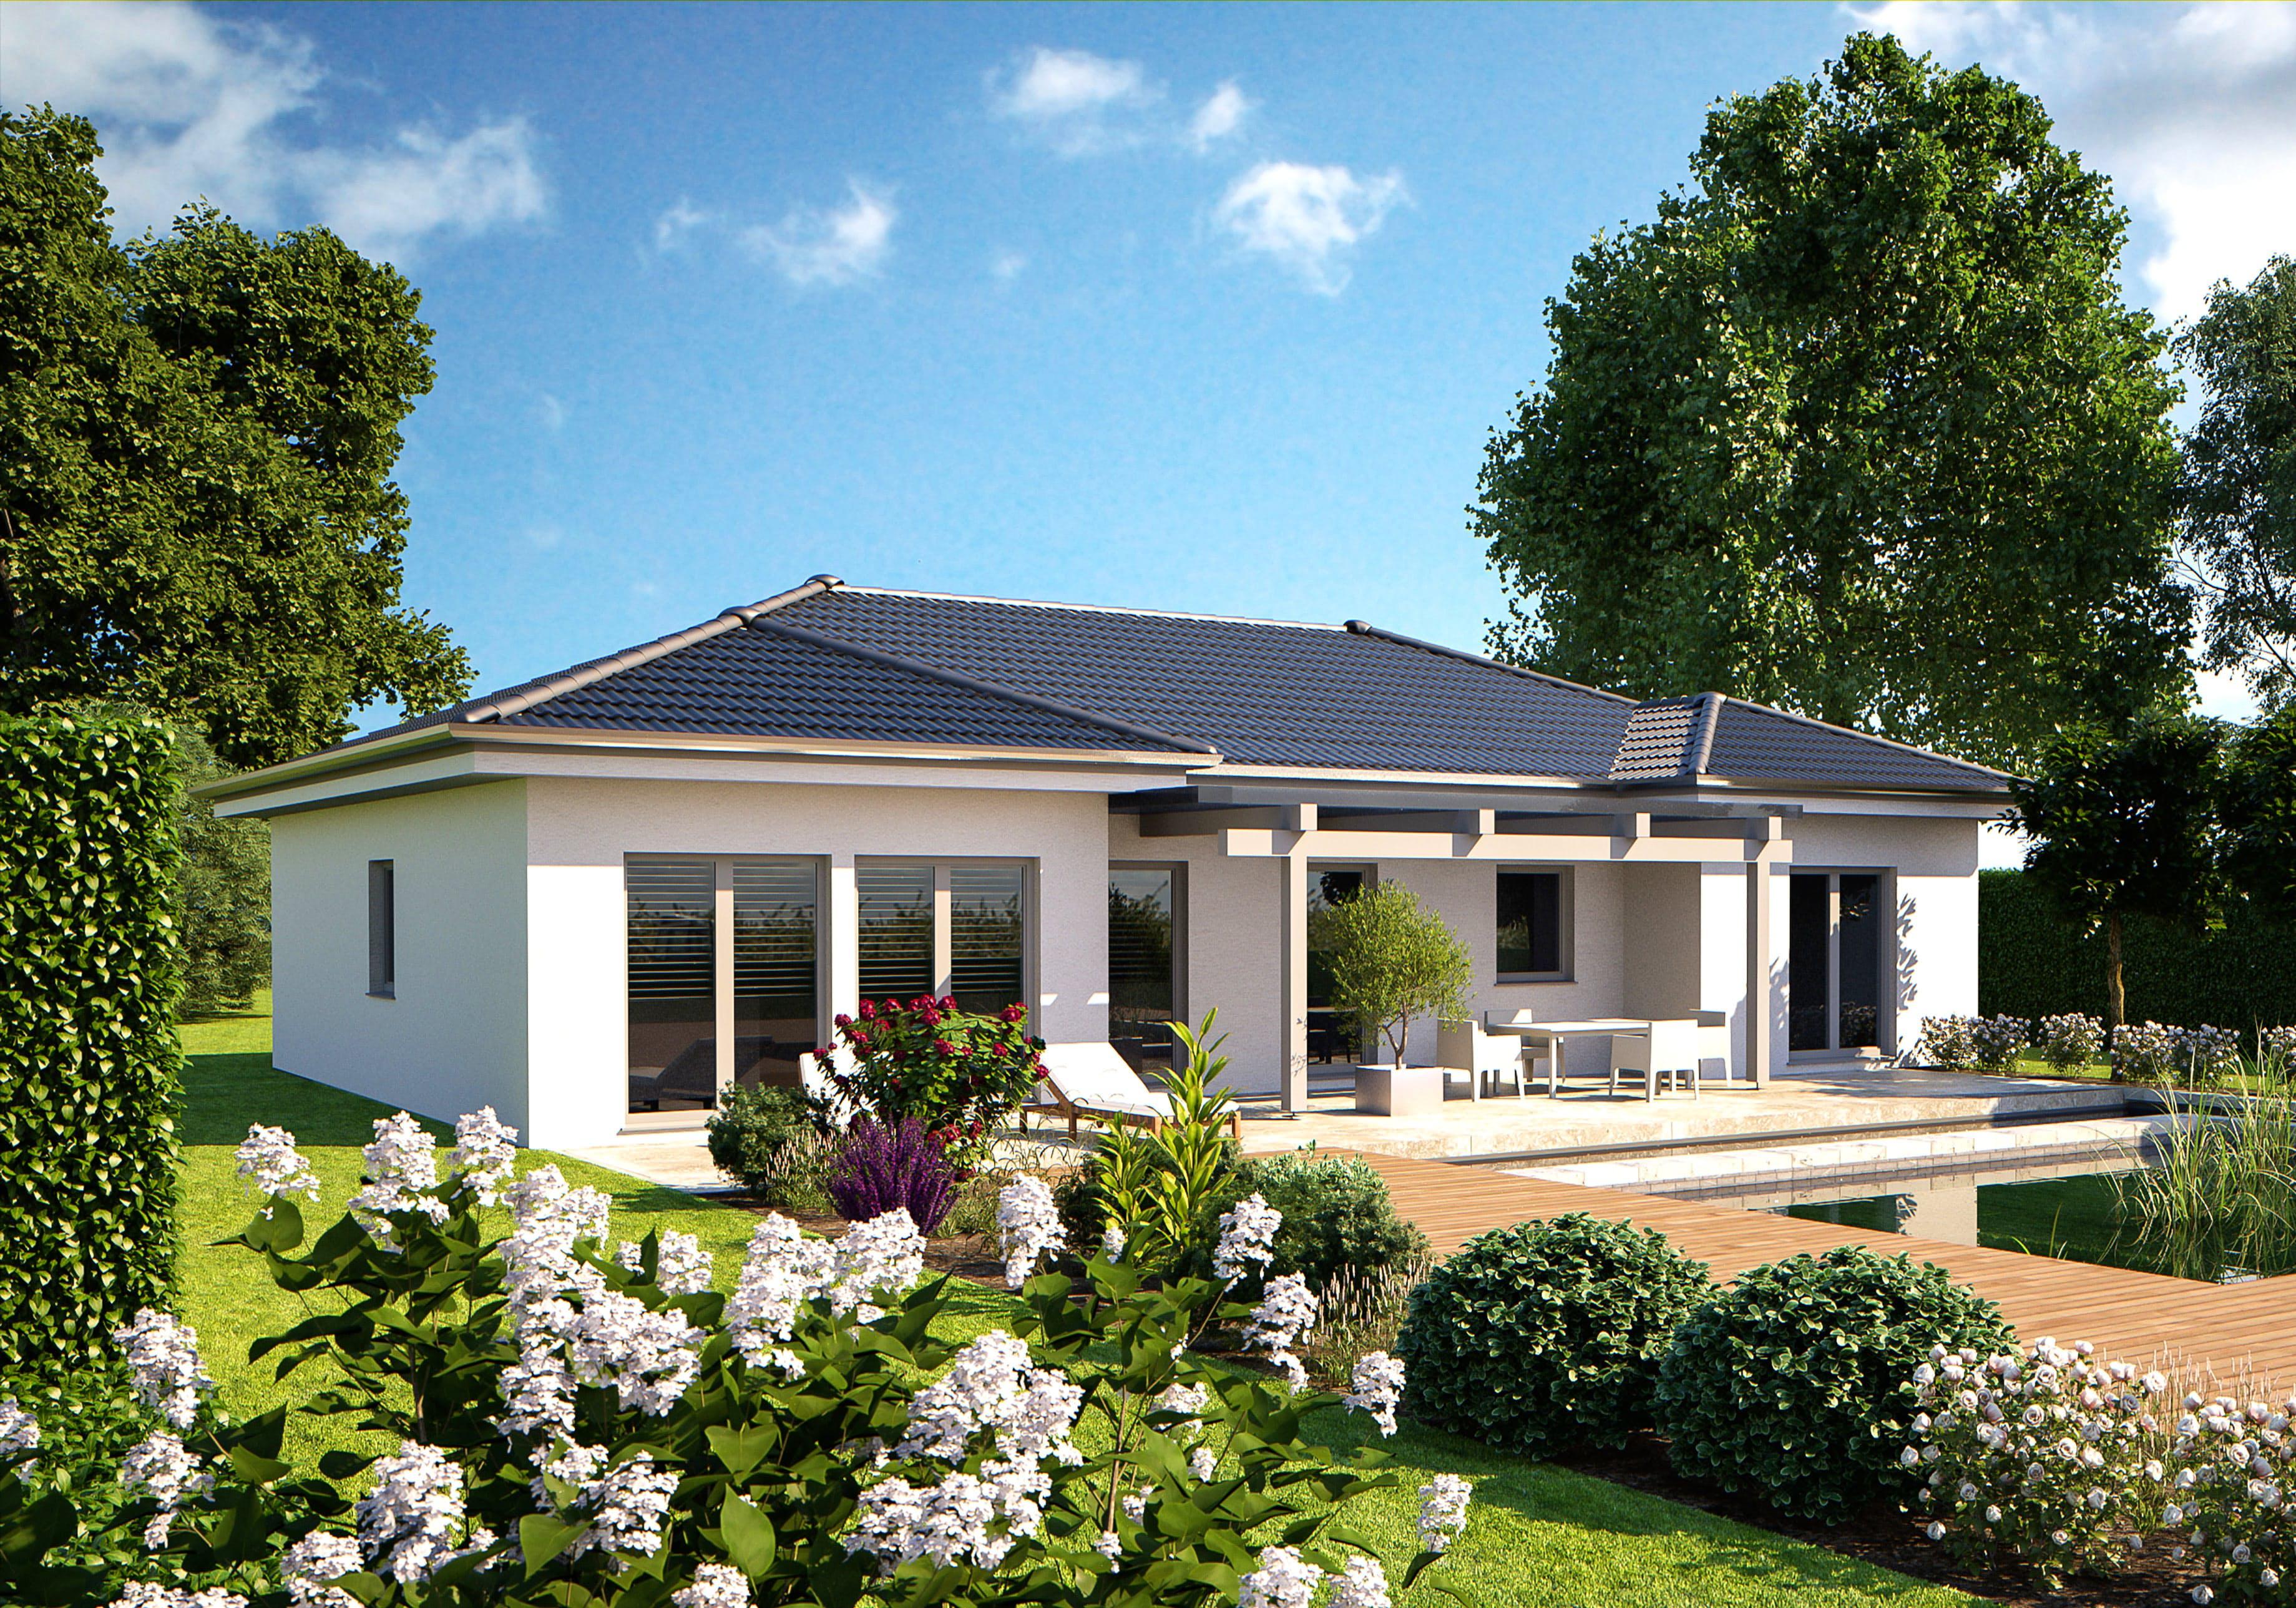 Haus Bauen 180 Qm Preis size: 3679 x 2577 post ID: 7 File size: 0 B